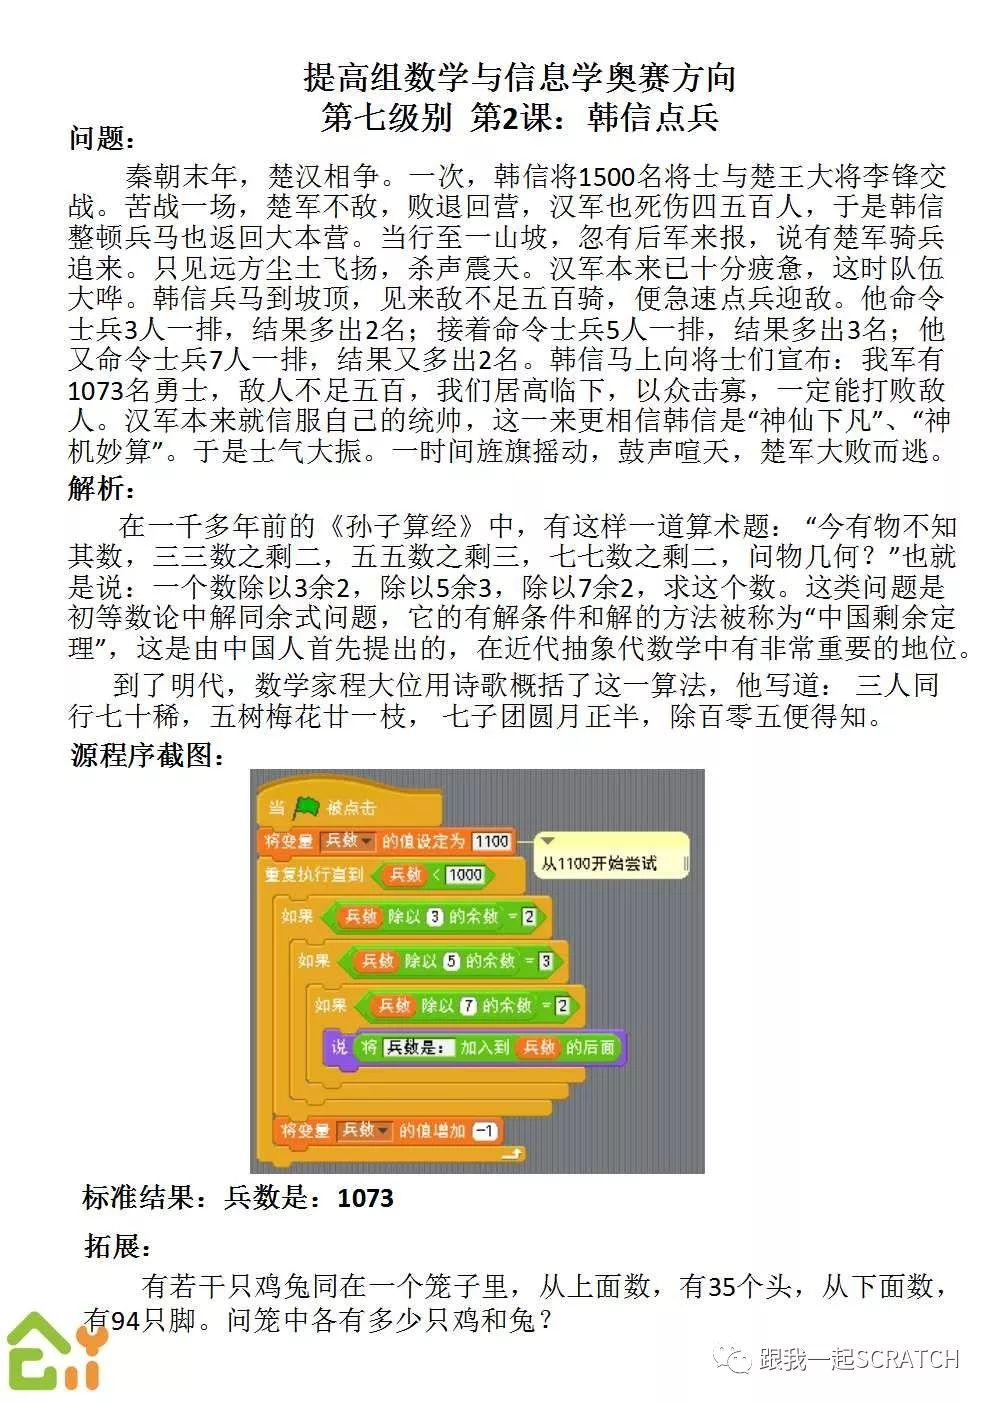 第一九九课 Scratch数学与信息学奥赛方向(一)